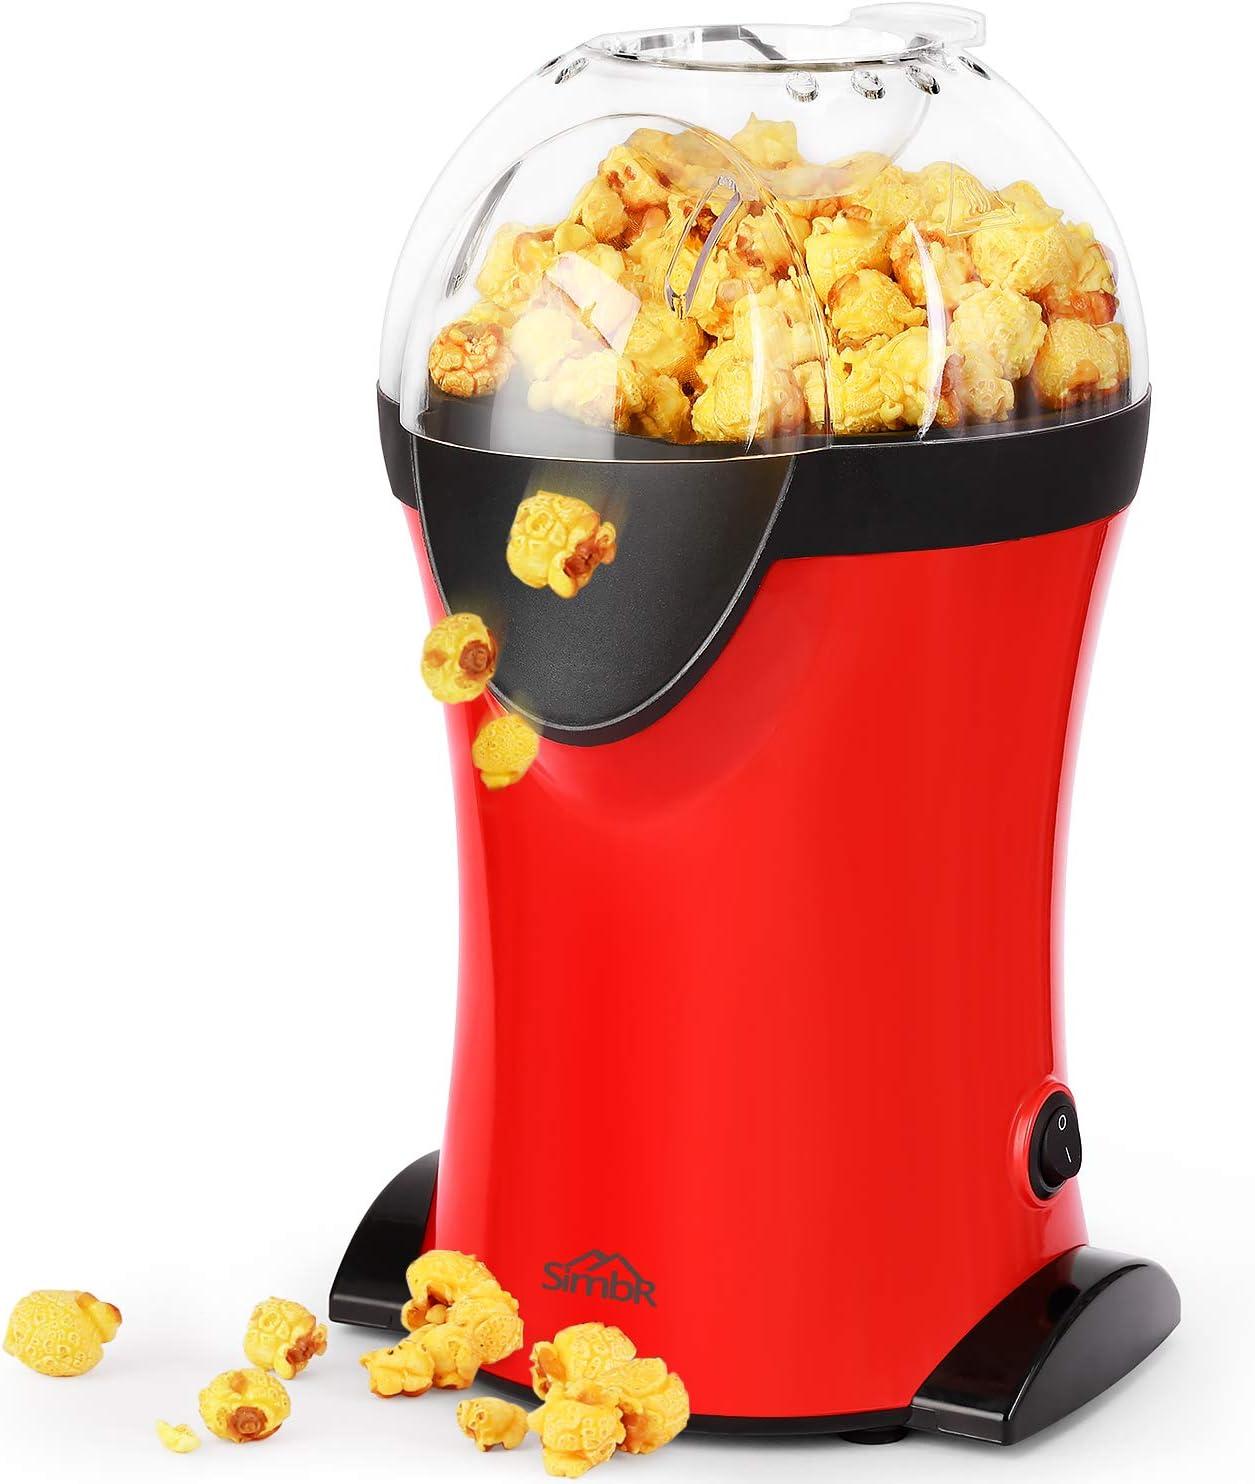 SIMBR Máquina Palomitas Vintage 1200W Palomitero con Velocidad Máxima de 3 Min Pop Corn Maker sin Grasa ni Aceite Libre de BPA: Amazon.es: Electrónica